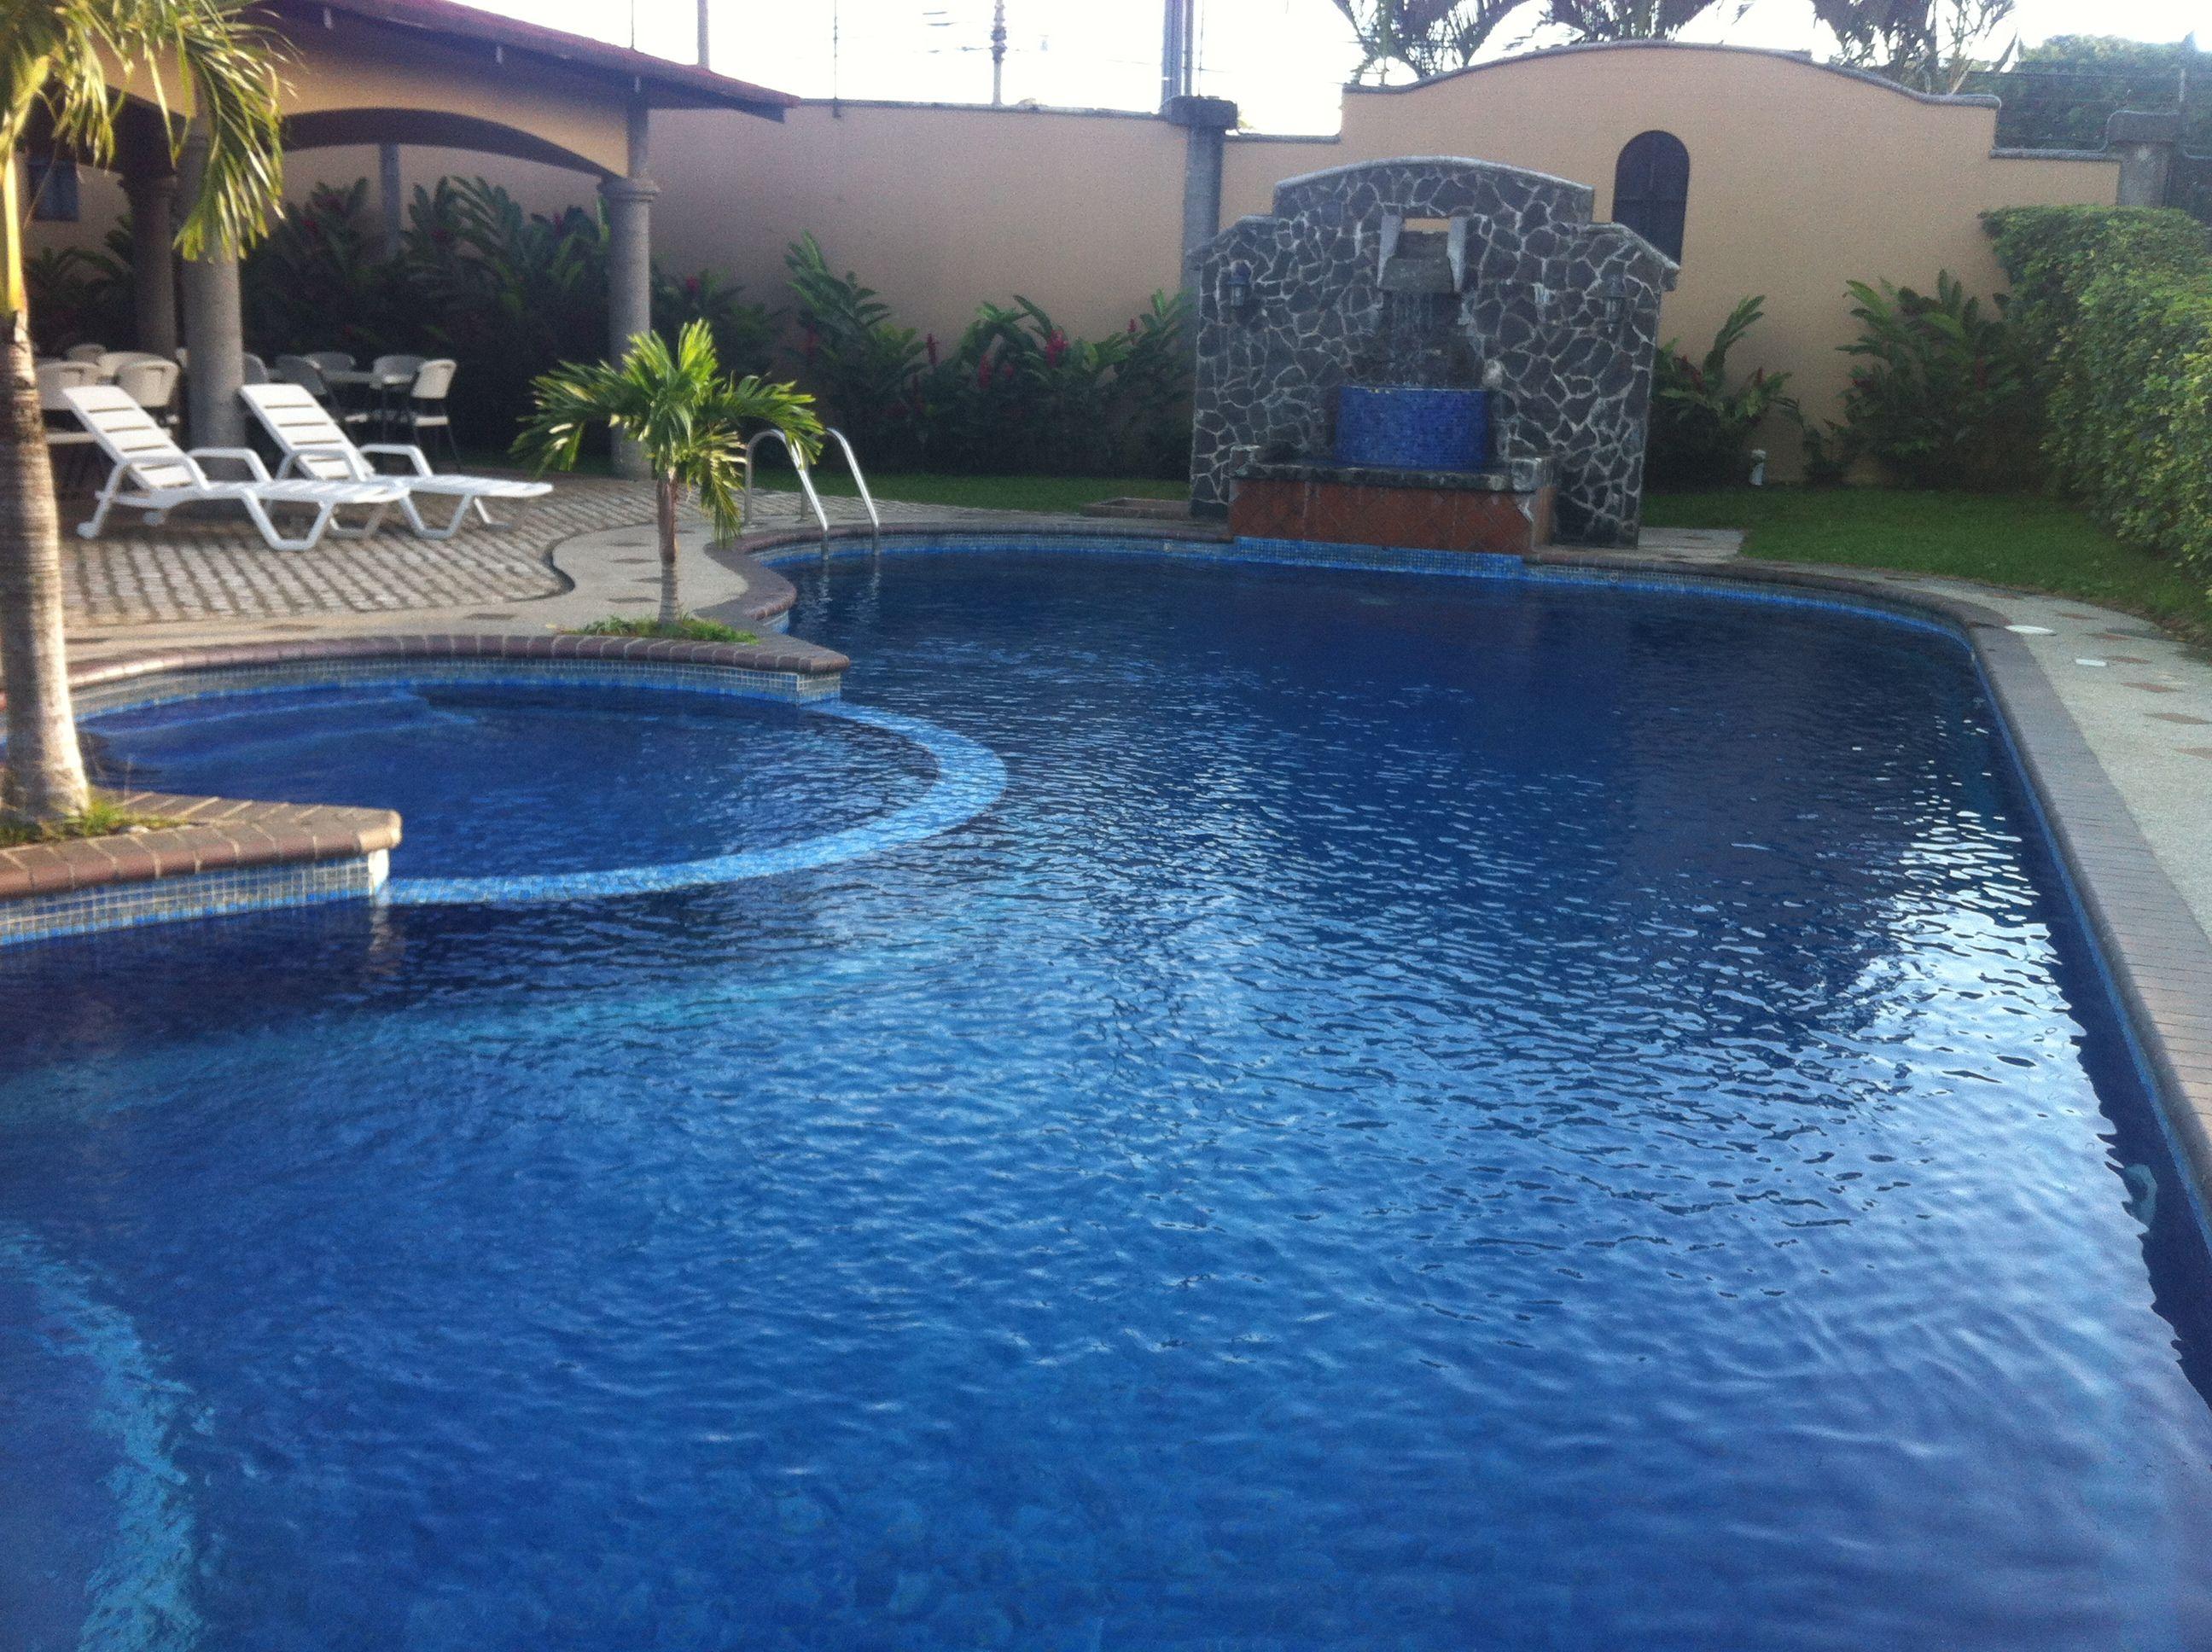 Quieres una piscina con fuente solicita una cotizaci n for Fotos de piscinas modernas en puerto rico